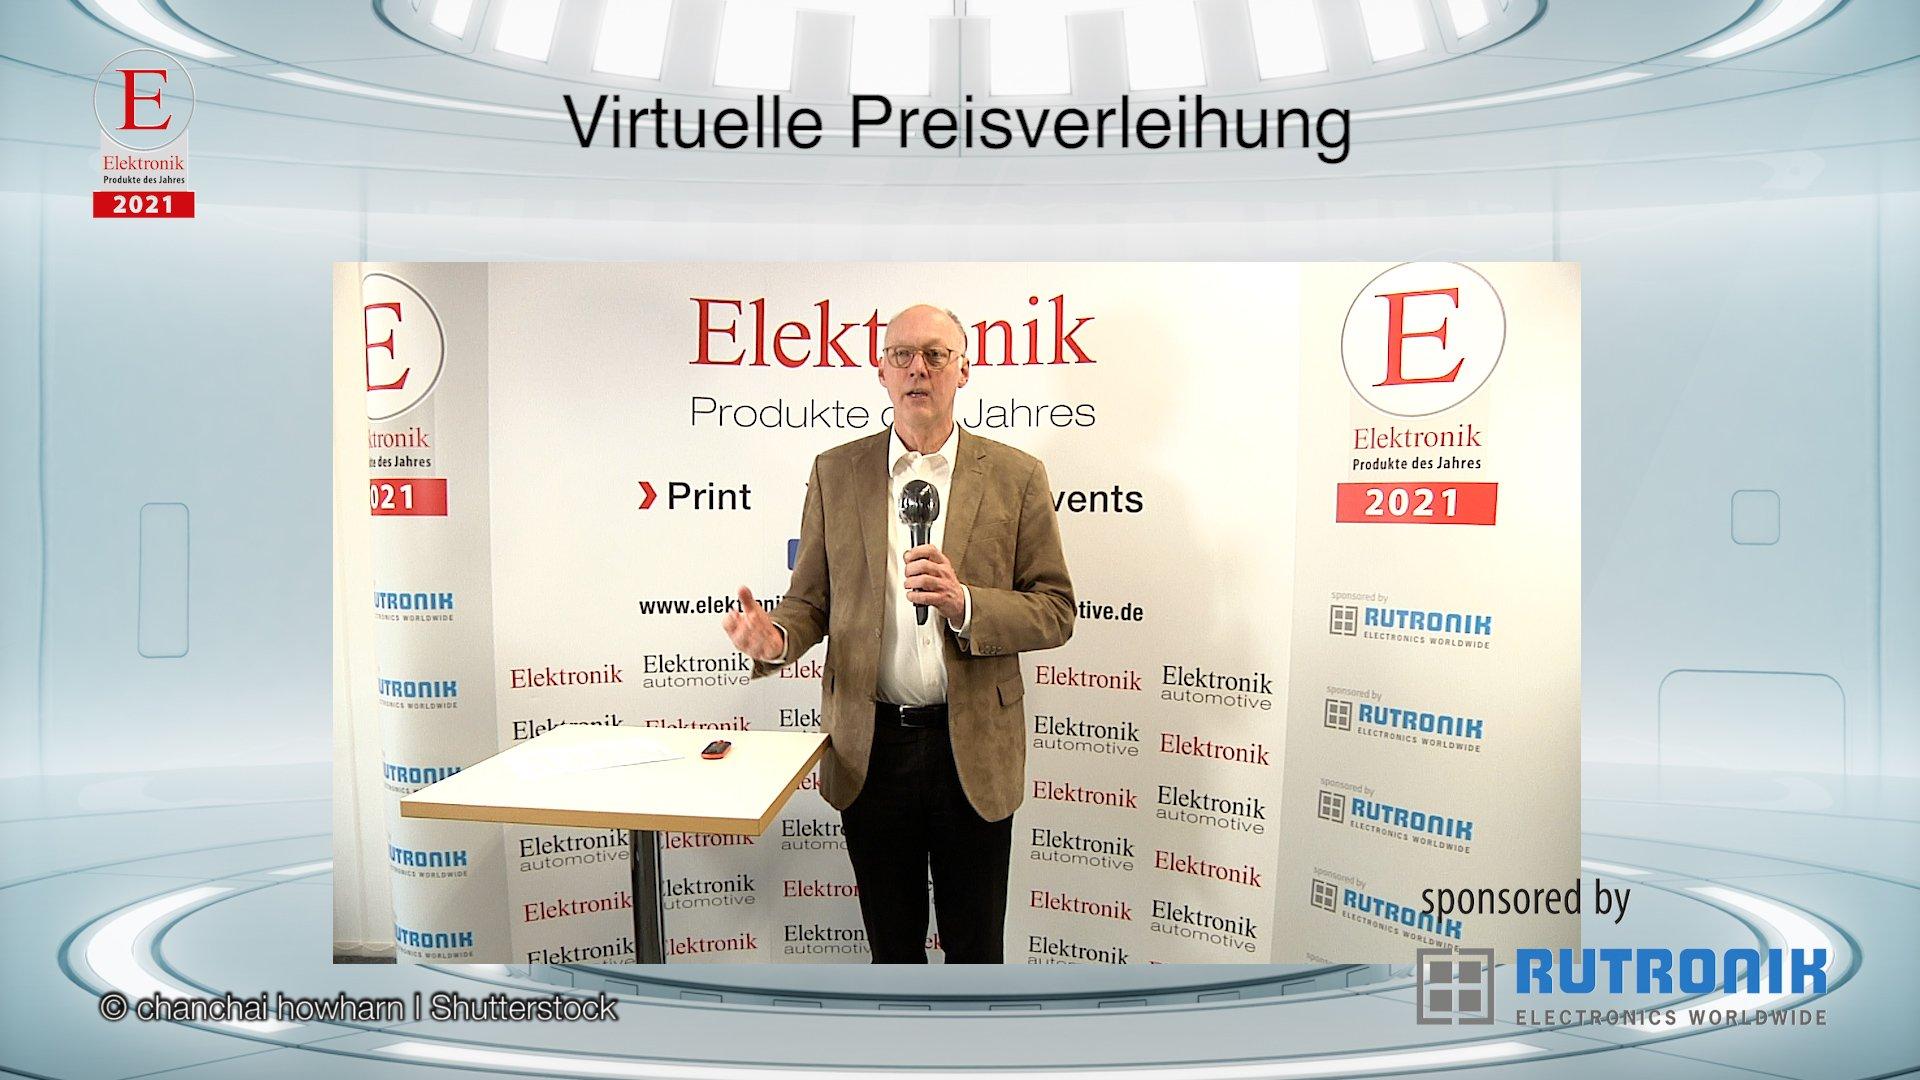 Virtuelle Preisverleihung: Die »Produkte des Jahres 2021«